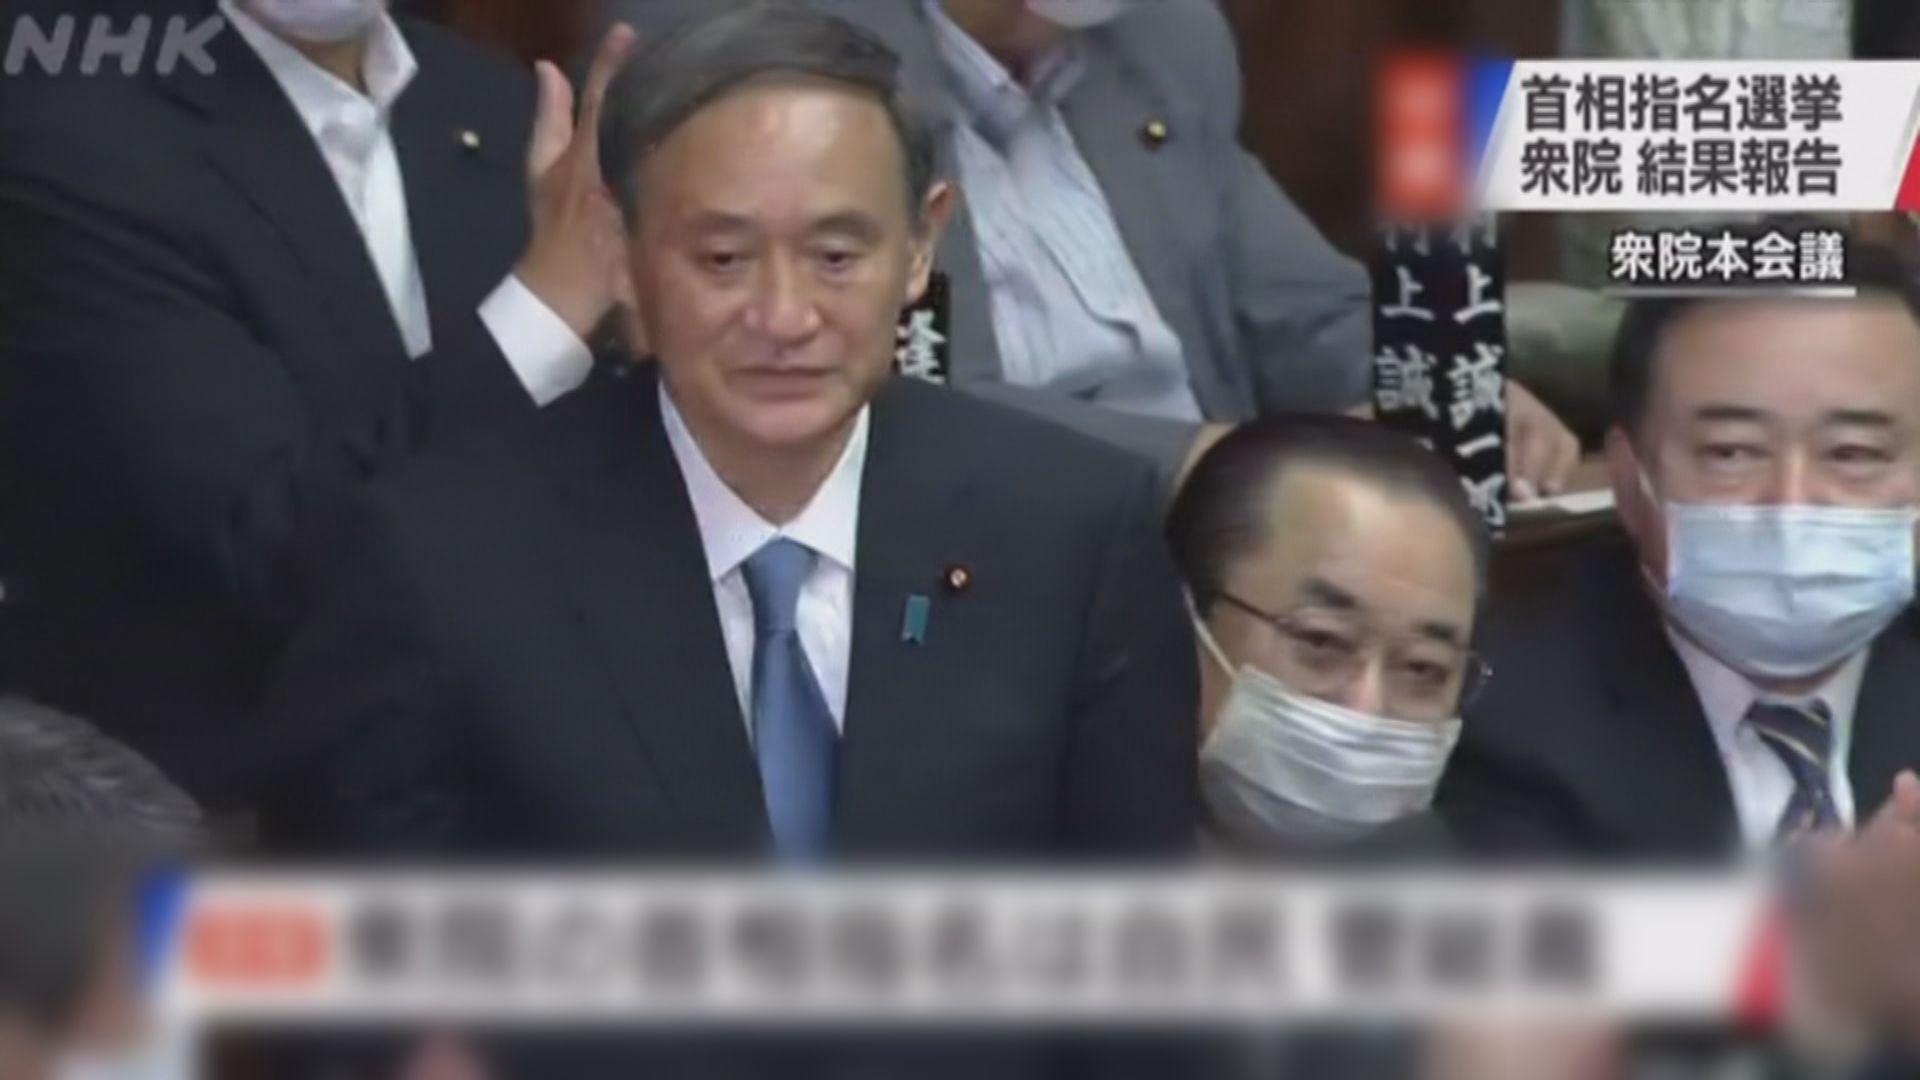 日本國會選出菅義偉為新首相